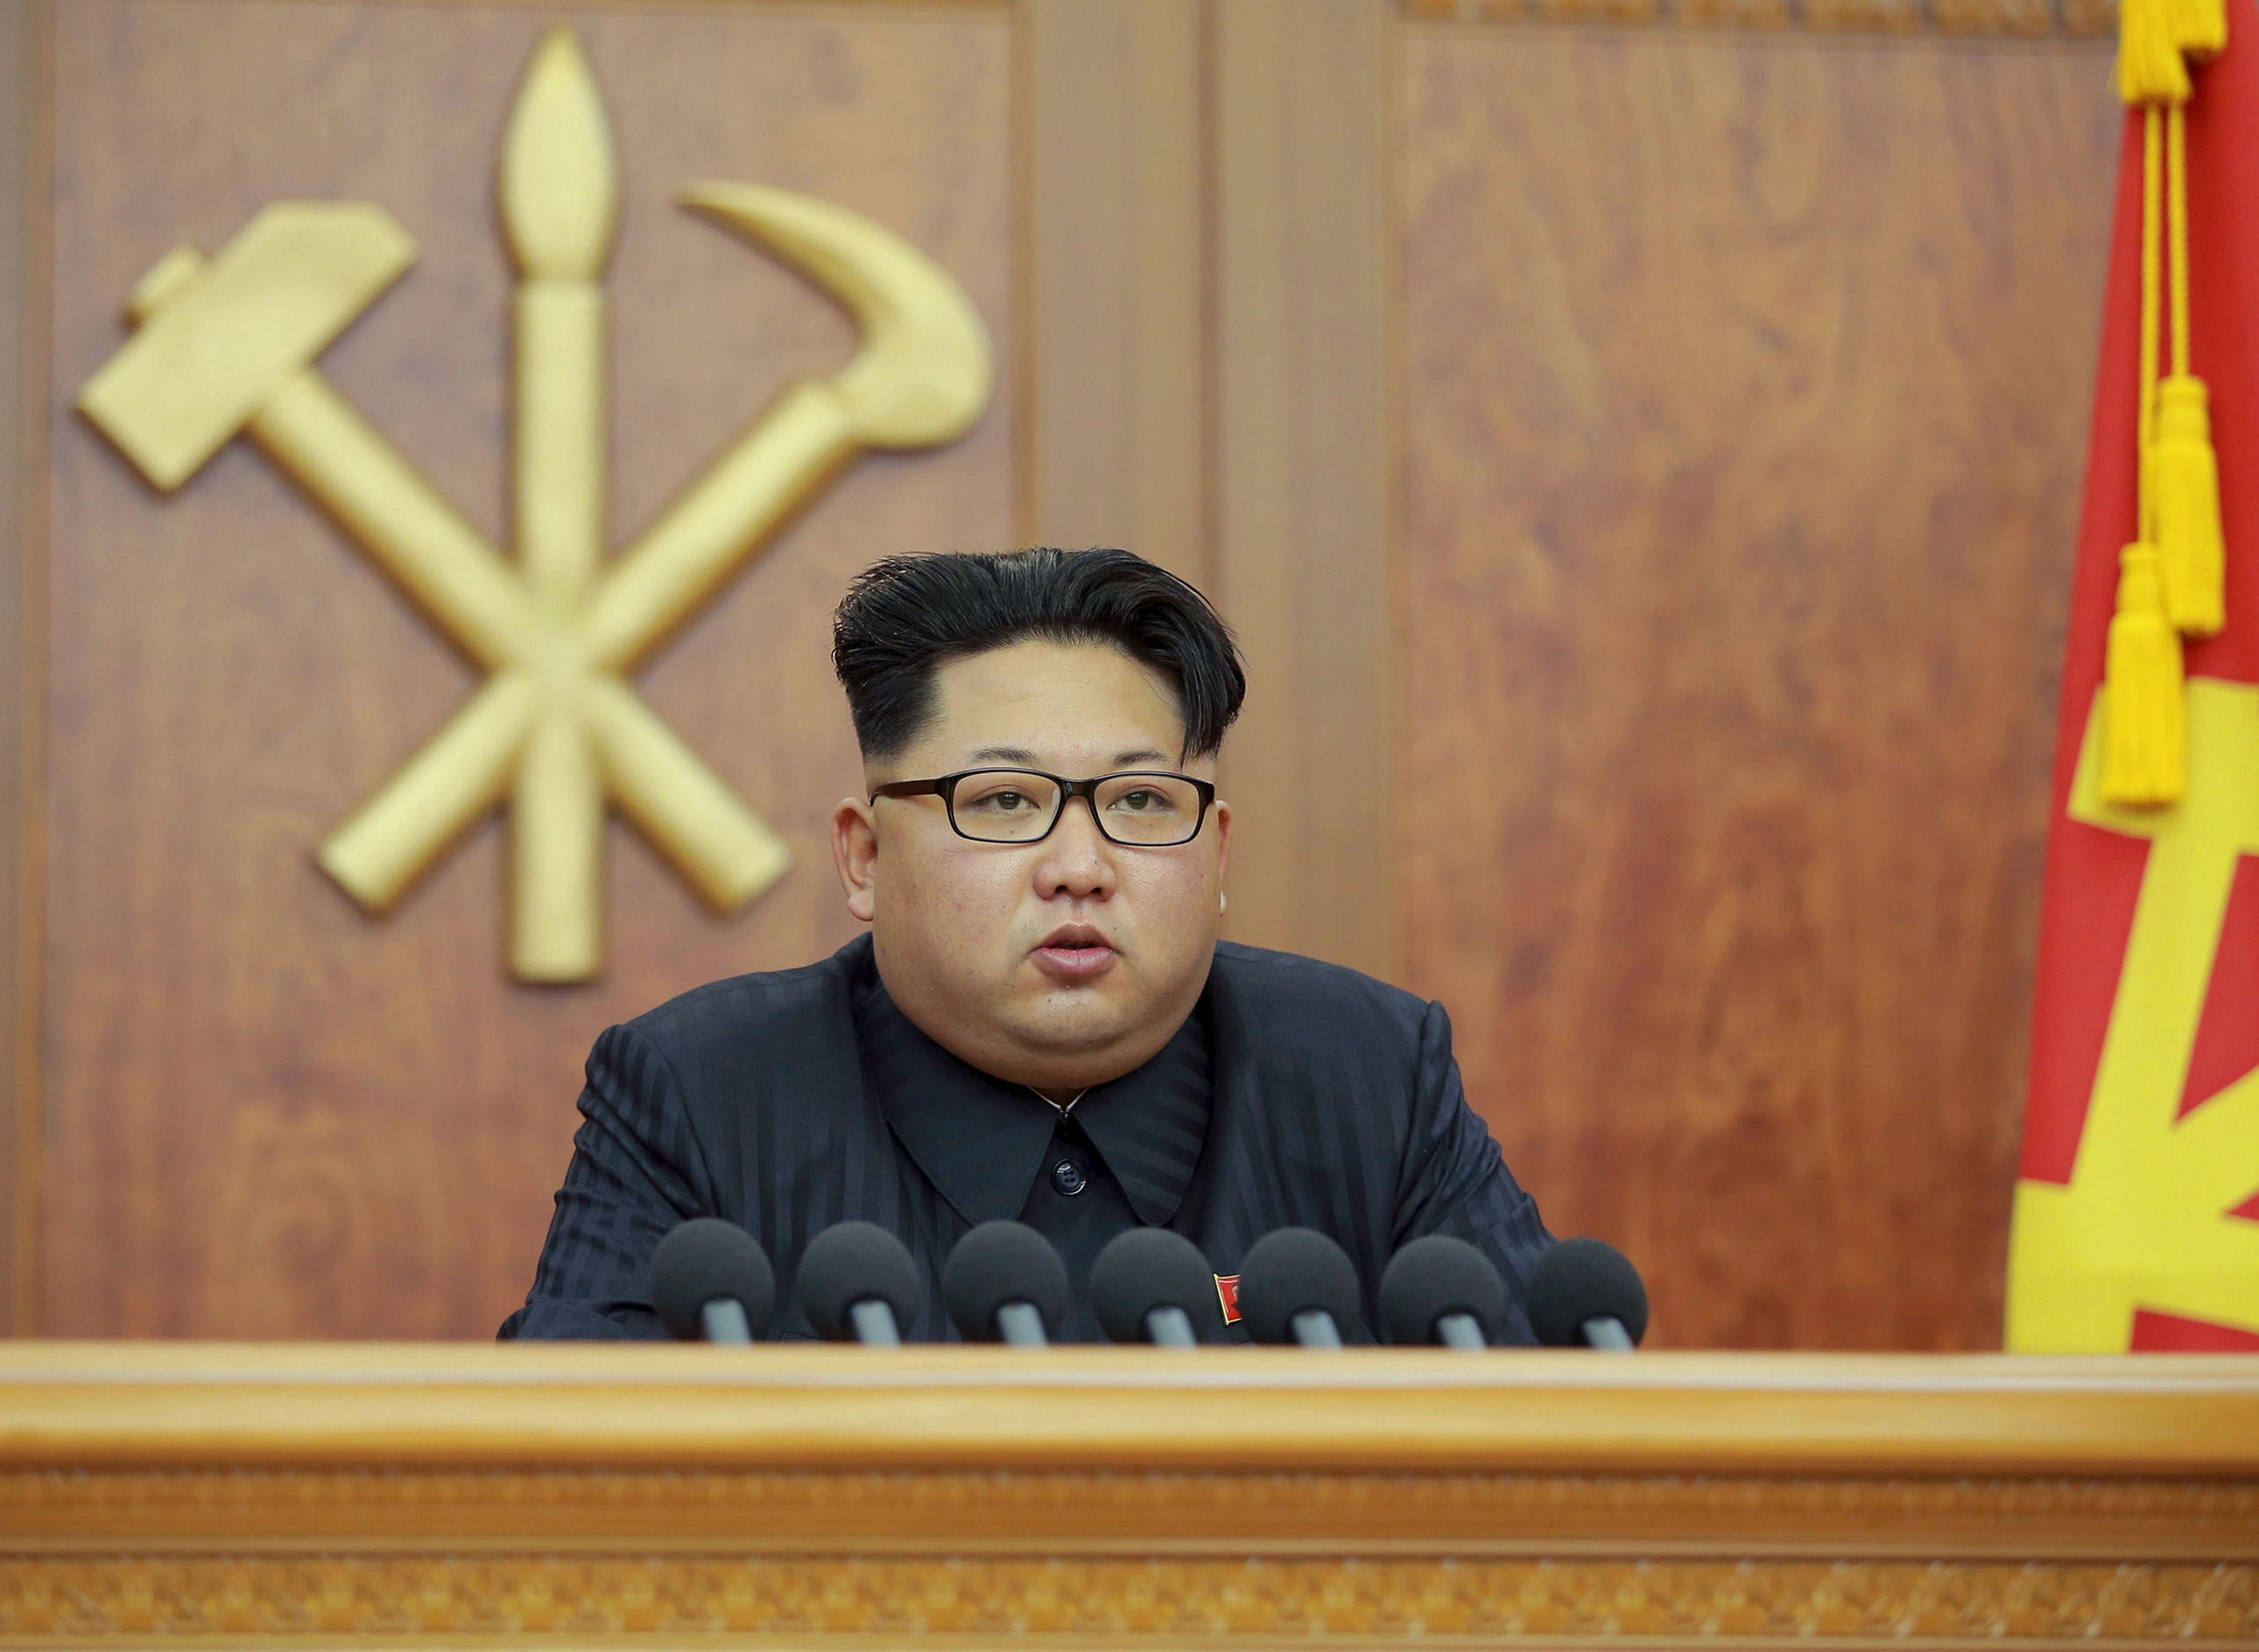 La Corée du Nord souhaiterait attaquer les Etats-Unis à l'occasion des présidentielles américaines